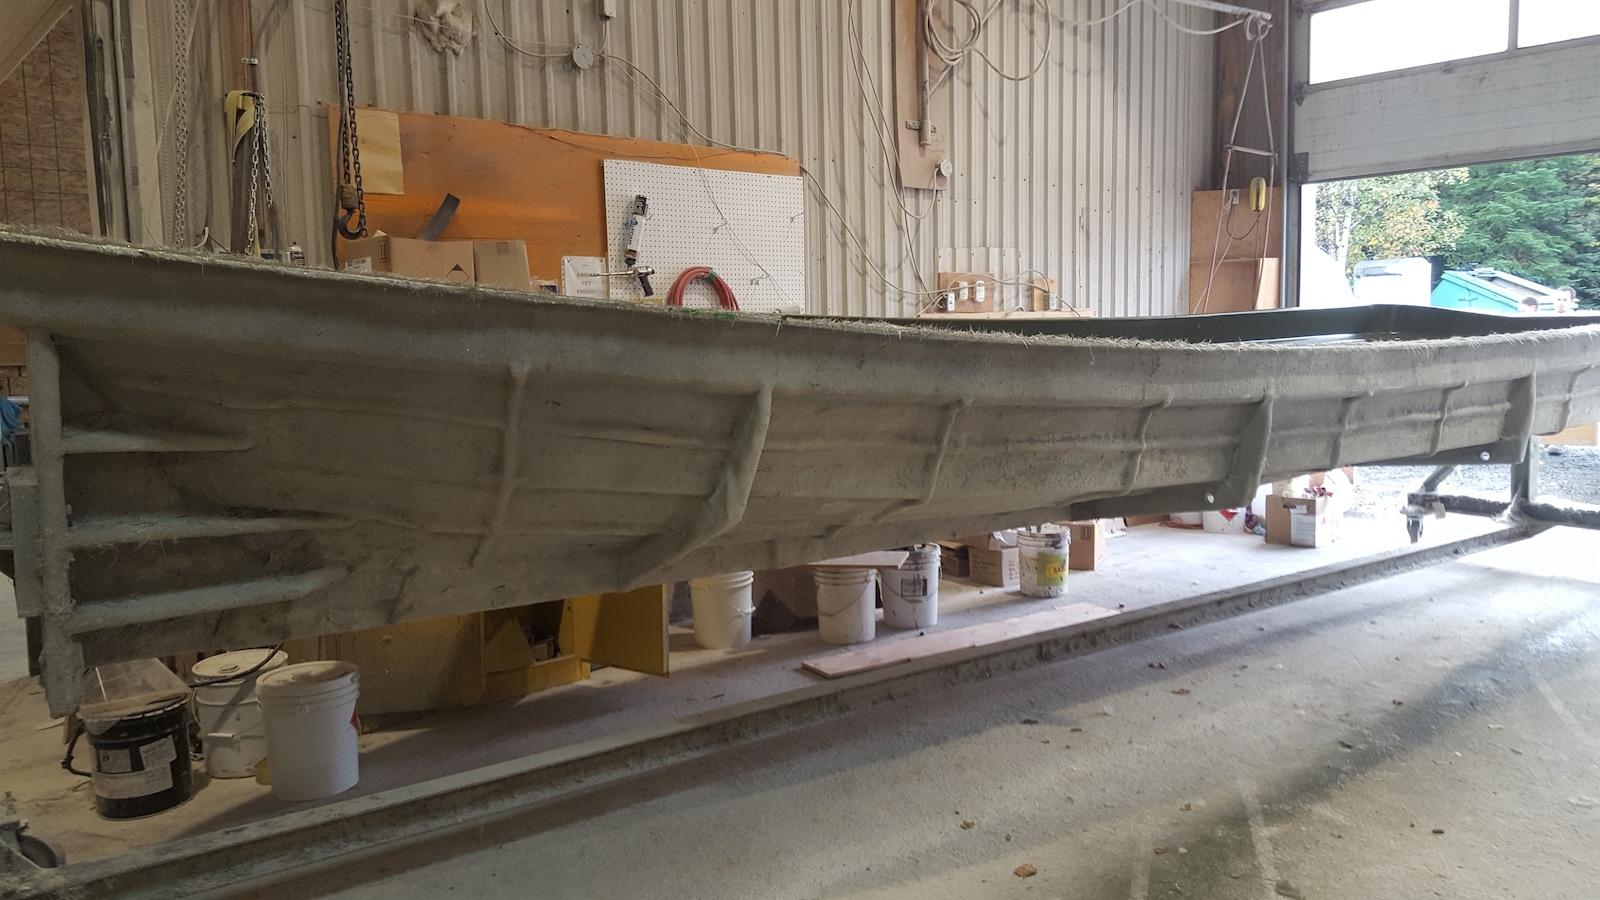 Cette immense embarcation est le fruit d'une entente signée avec la communauté crie de Waskaganish. Ce bateau servira notamment à naviguer sur la Baie d'Hudson.